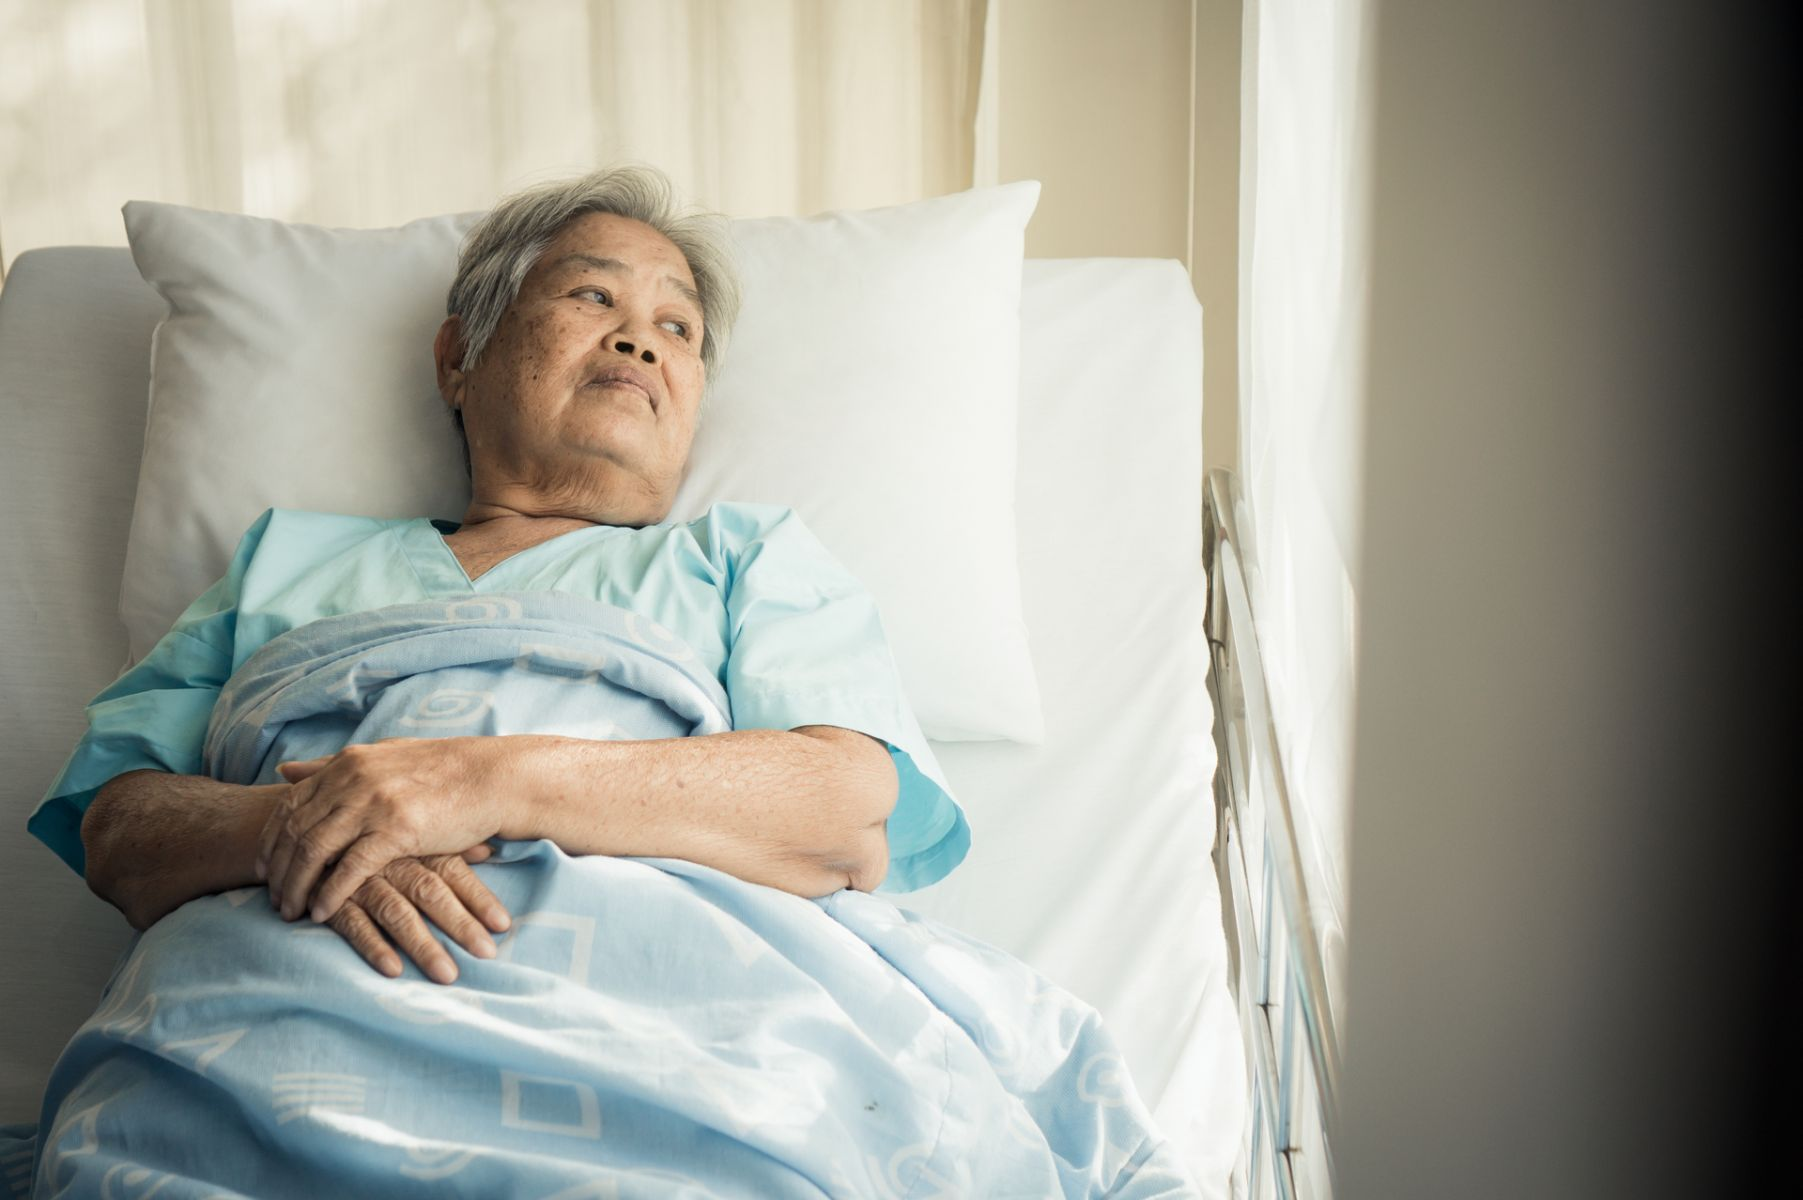 《病人自主權利法》明年上路 民眾可預立醫療決定